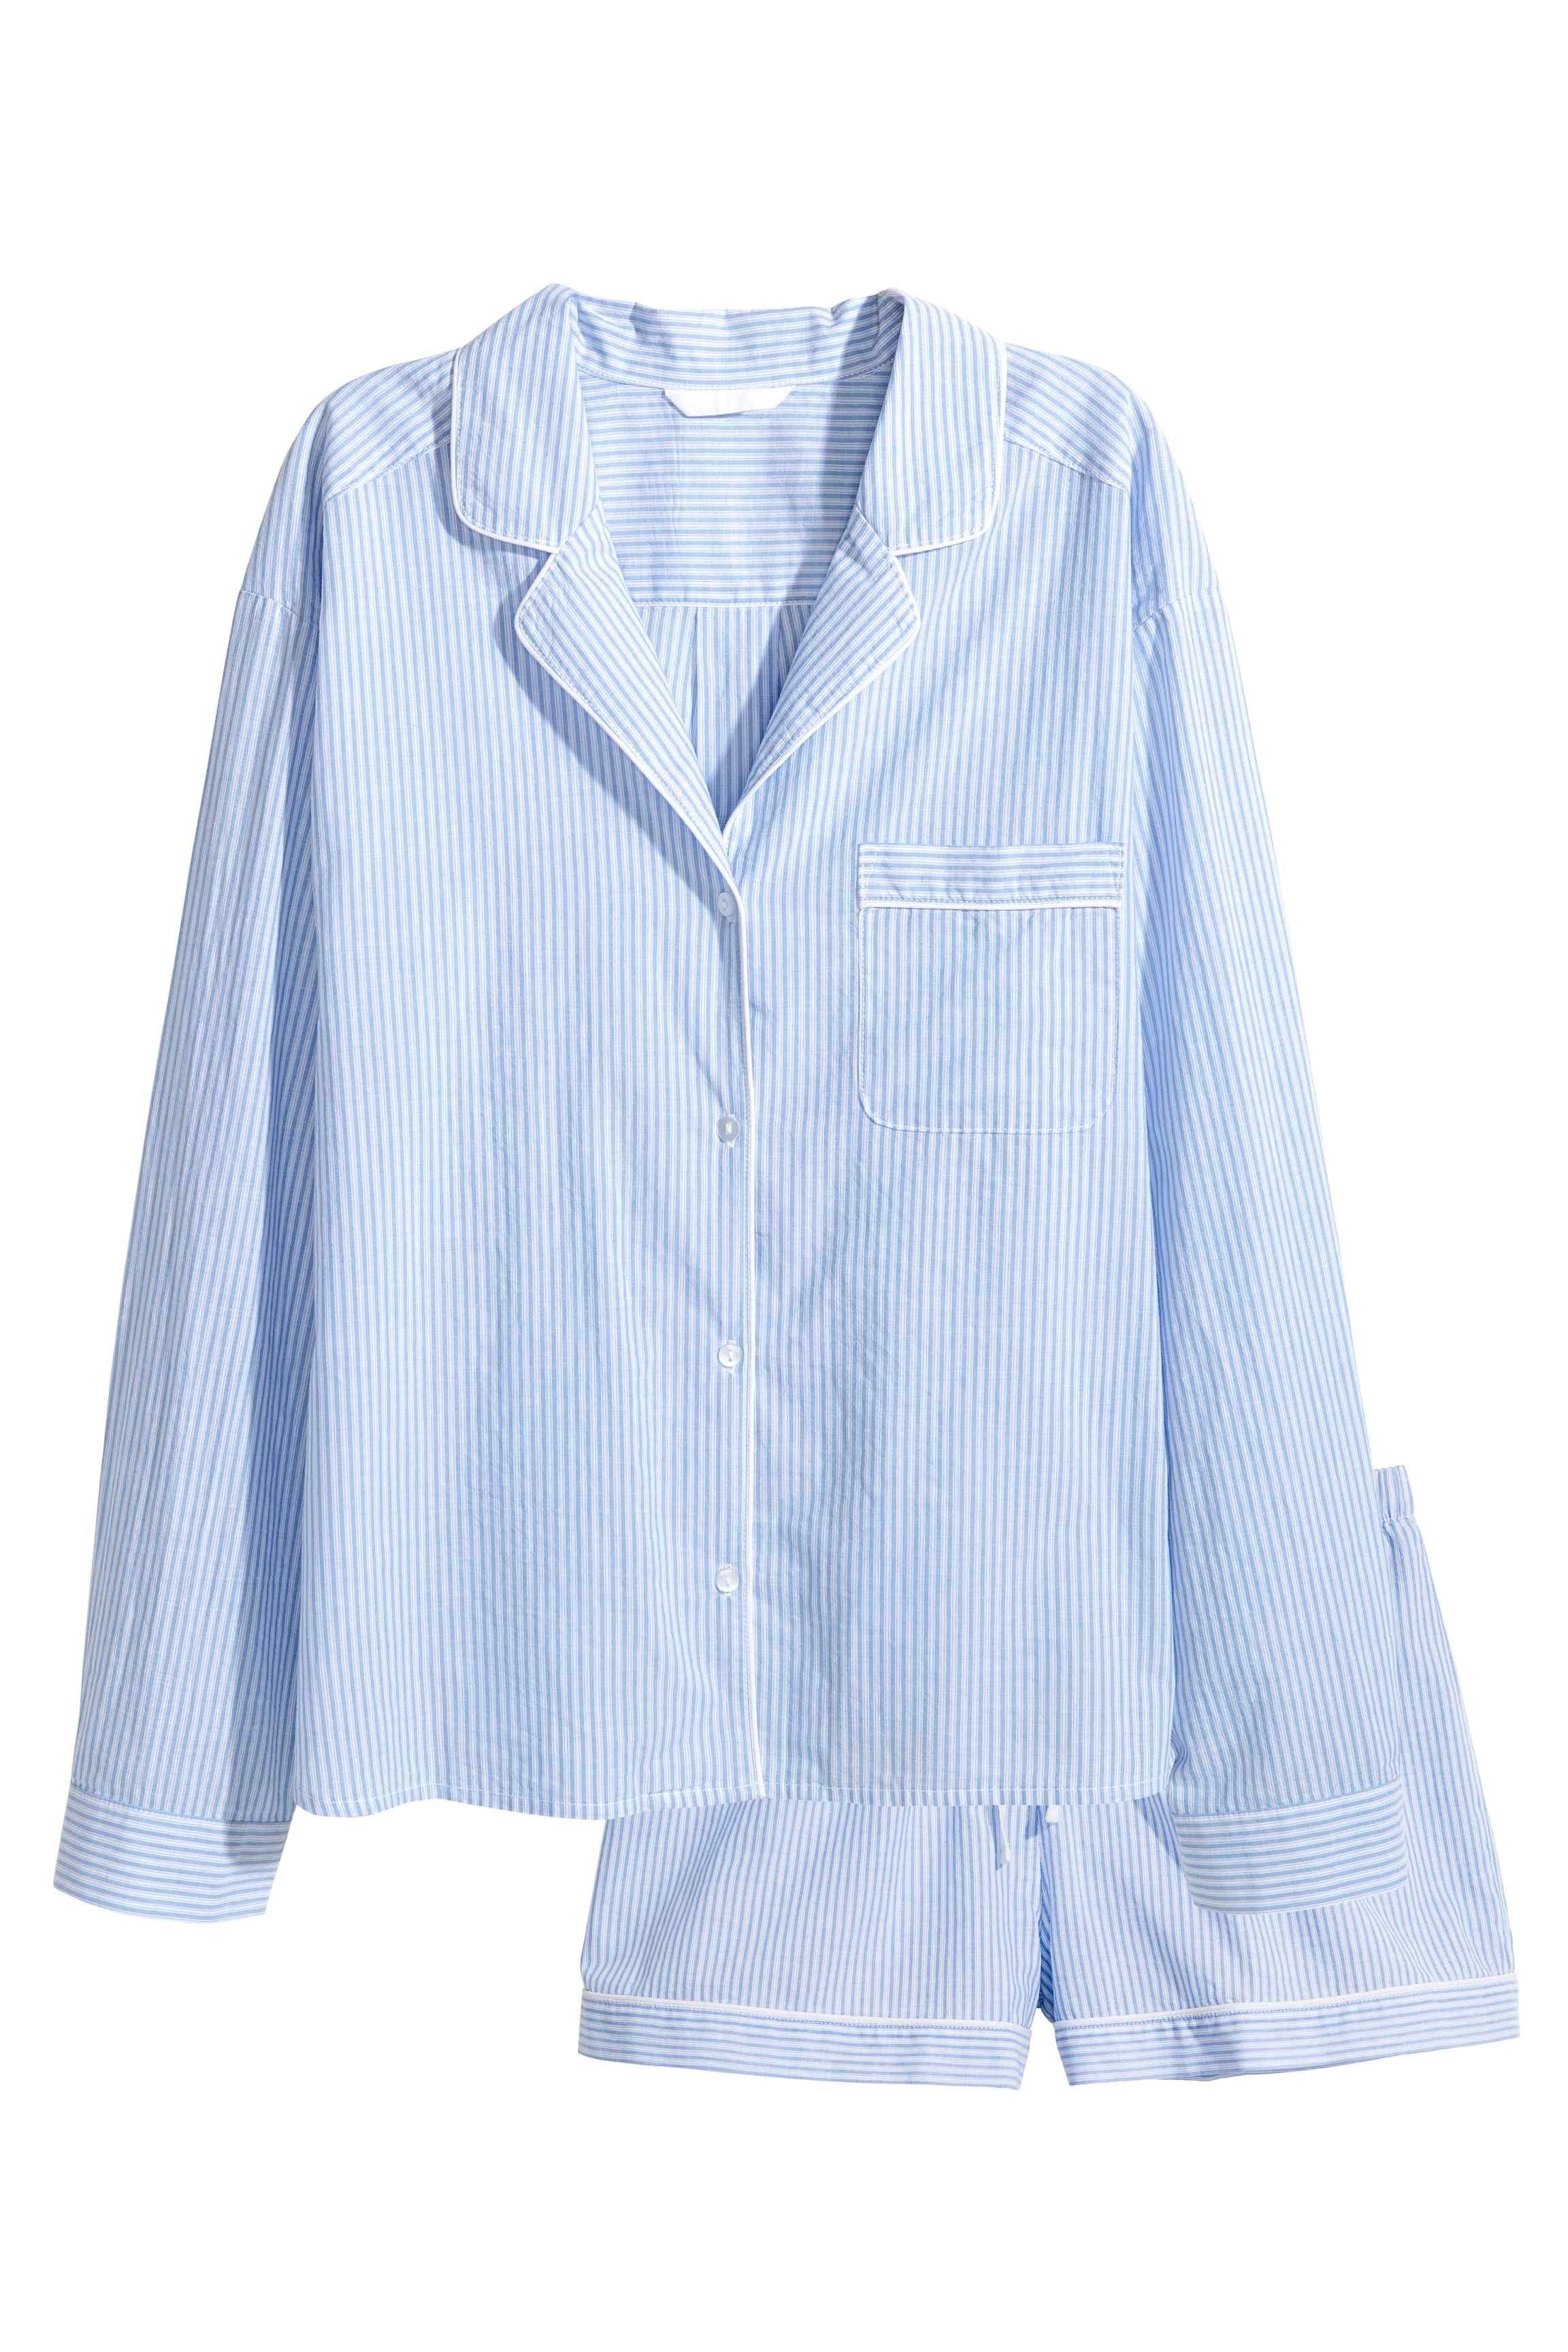 Pyjama femme rayé bleu et blanc